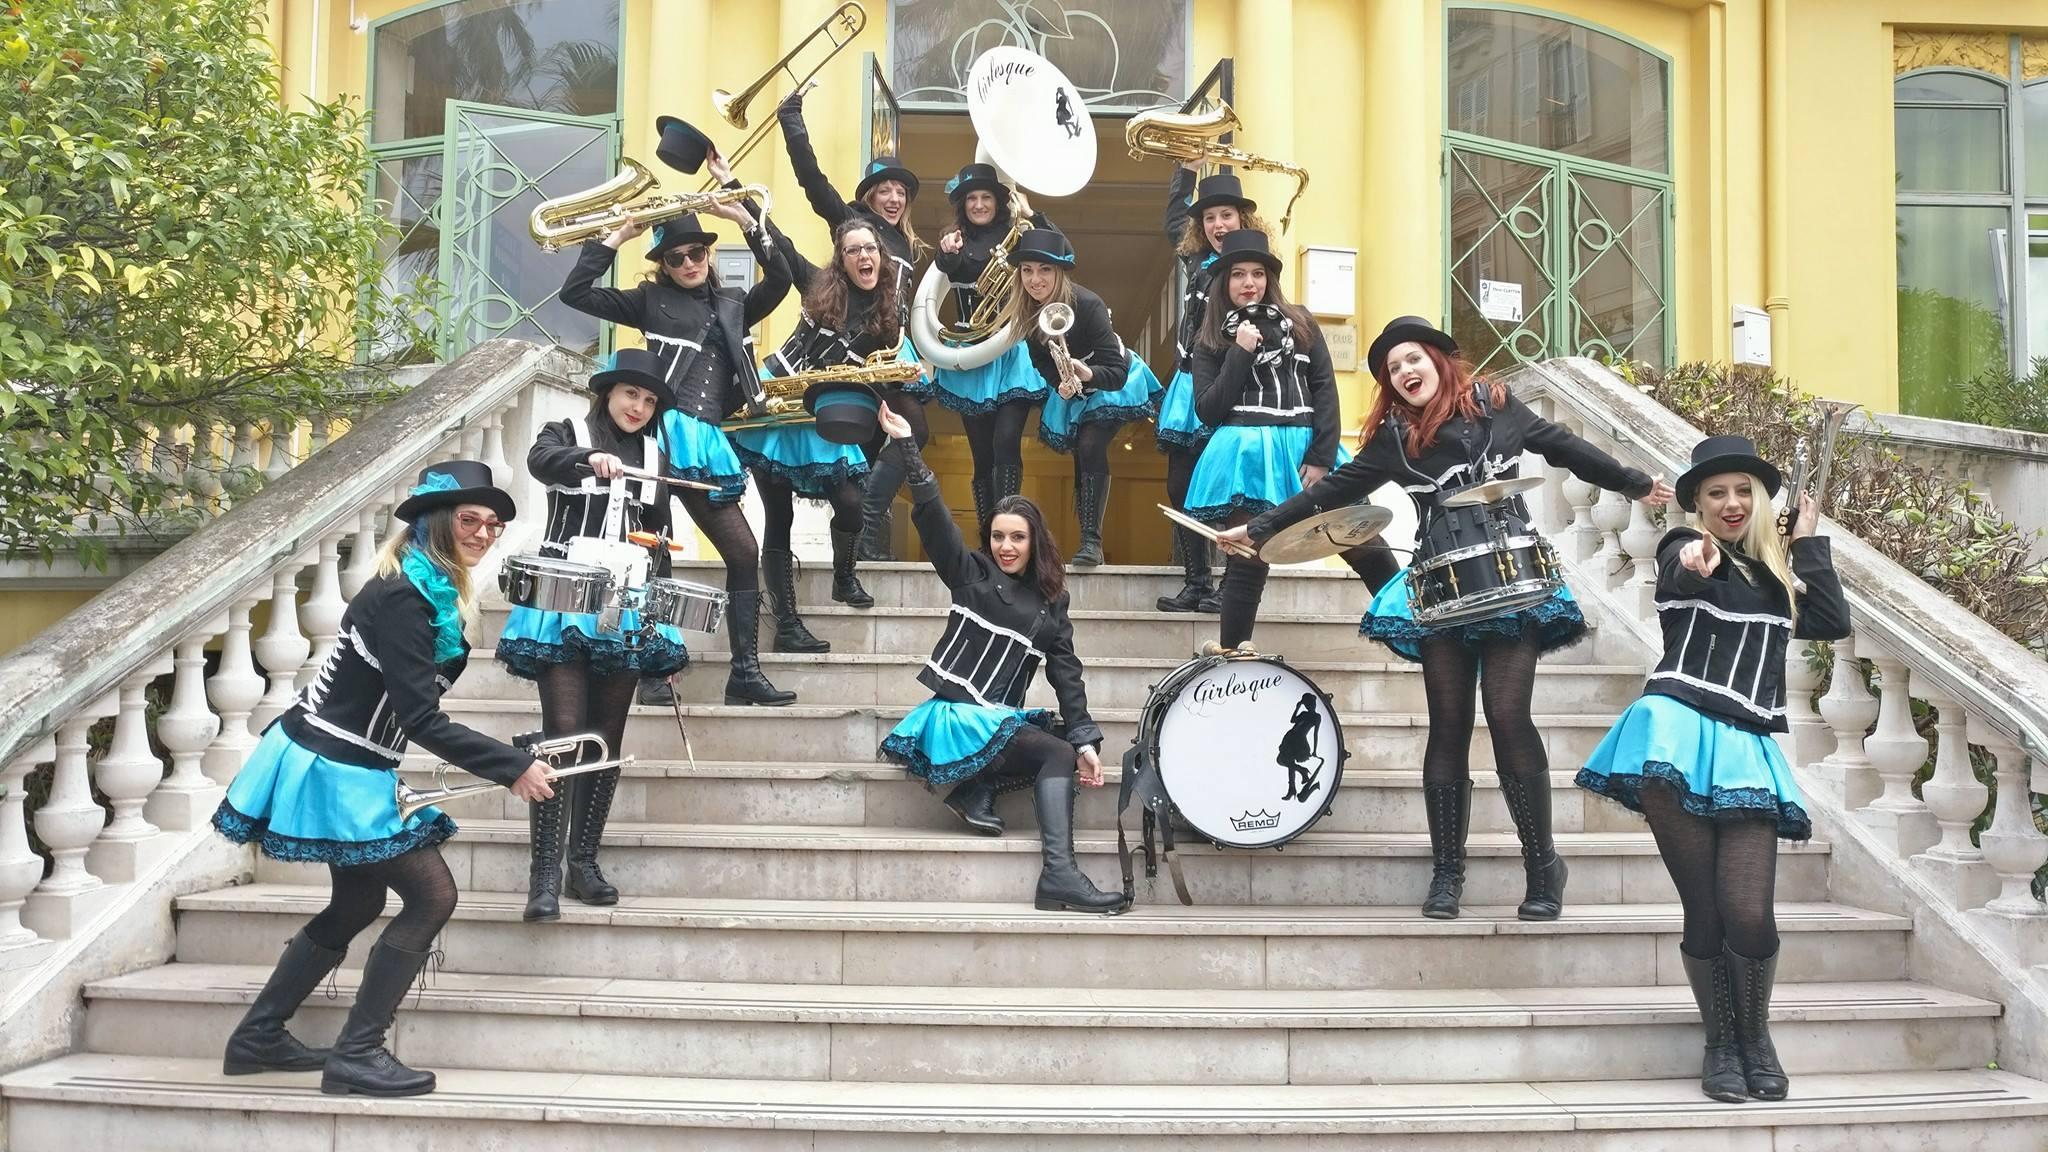 ... una street band tutta al femminile)  FOTO - Bagno a Ripoli eChianti